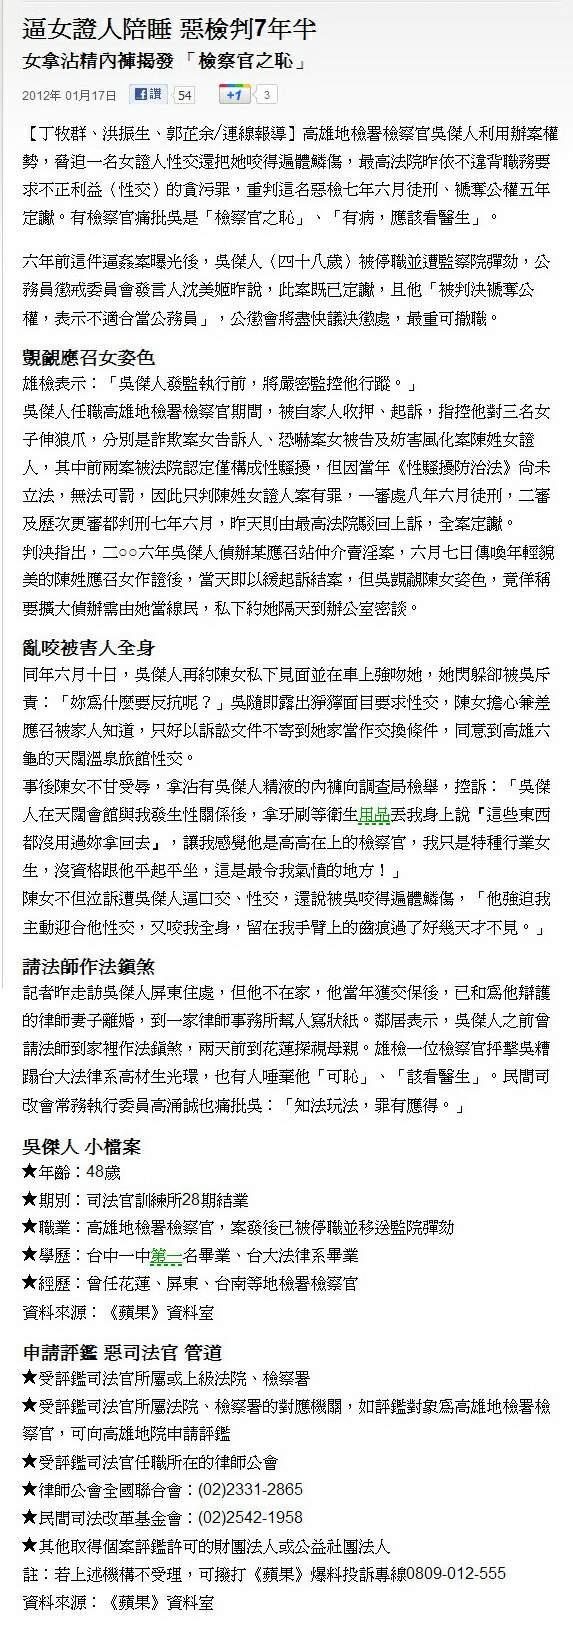 逼女證人陪睡 惡檢判7年半-2012.01.17-2.jpg